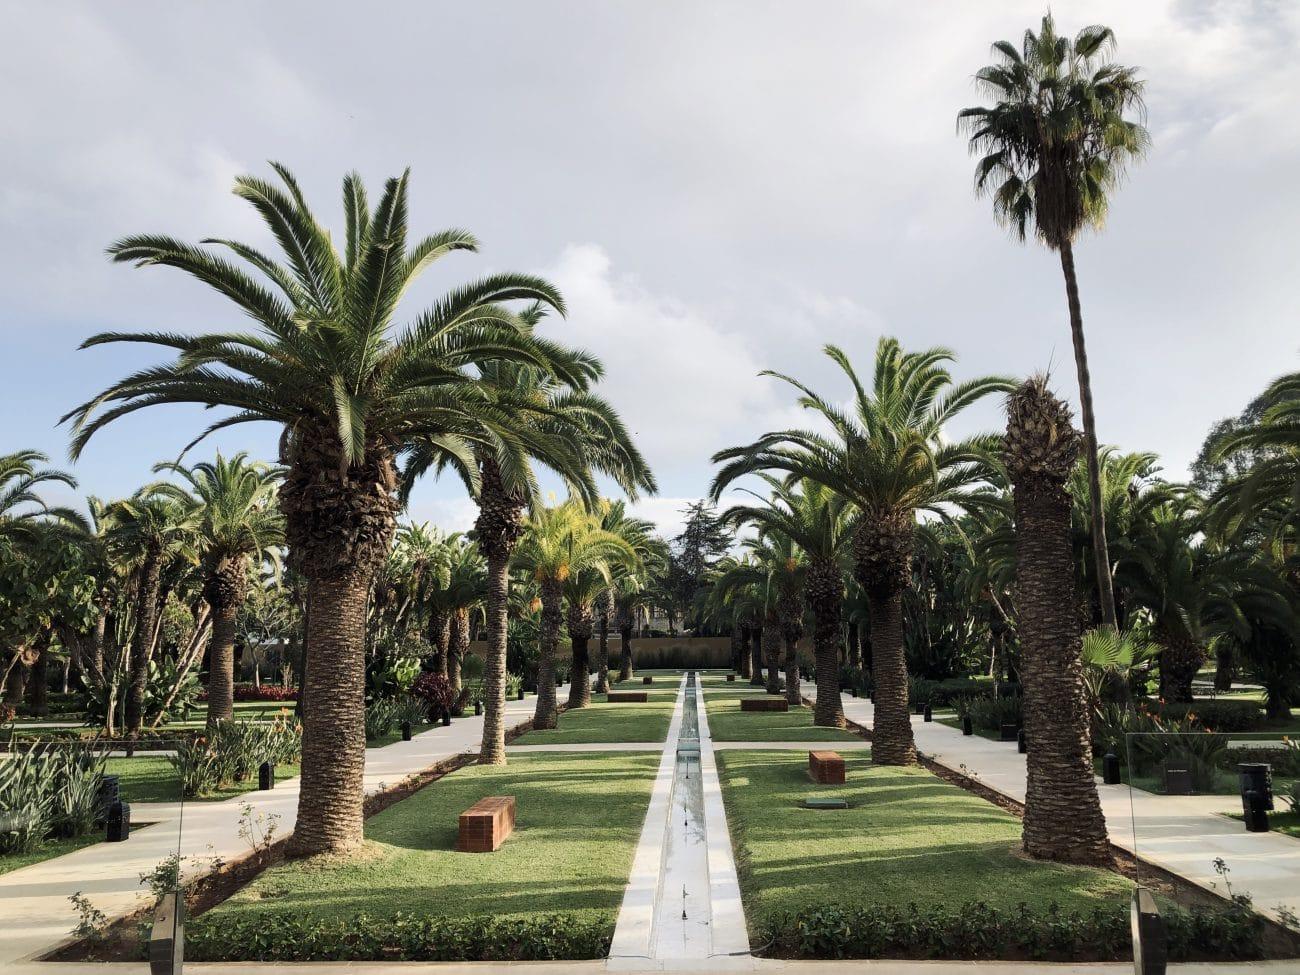 Les adresses à tester à Rabat pour boire un verre - Maroc -lilytoutsourire (2)